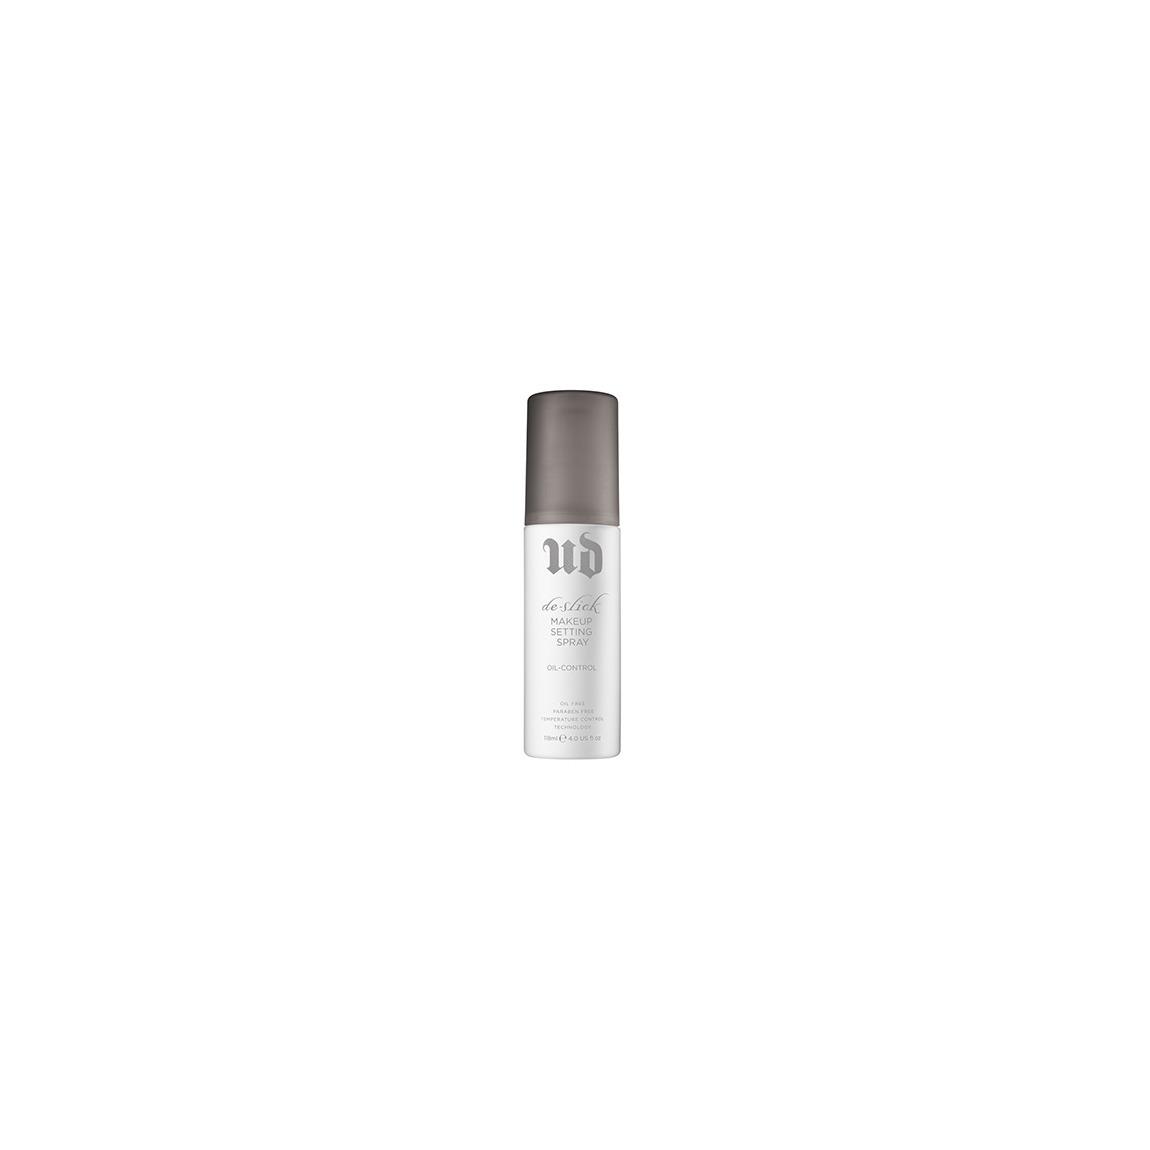 d5bbf96a244d Urban Decay De-Slick Oil-Control Makeup Setting Spray